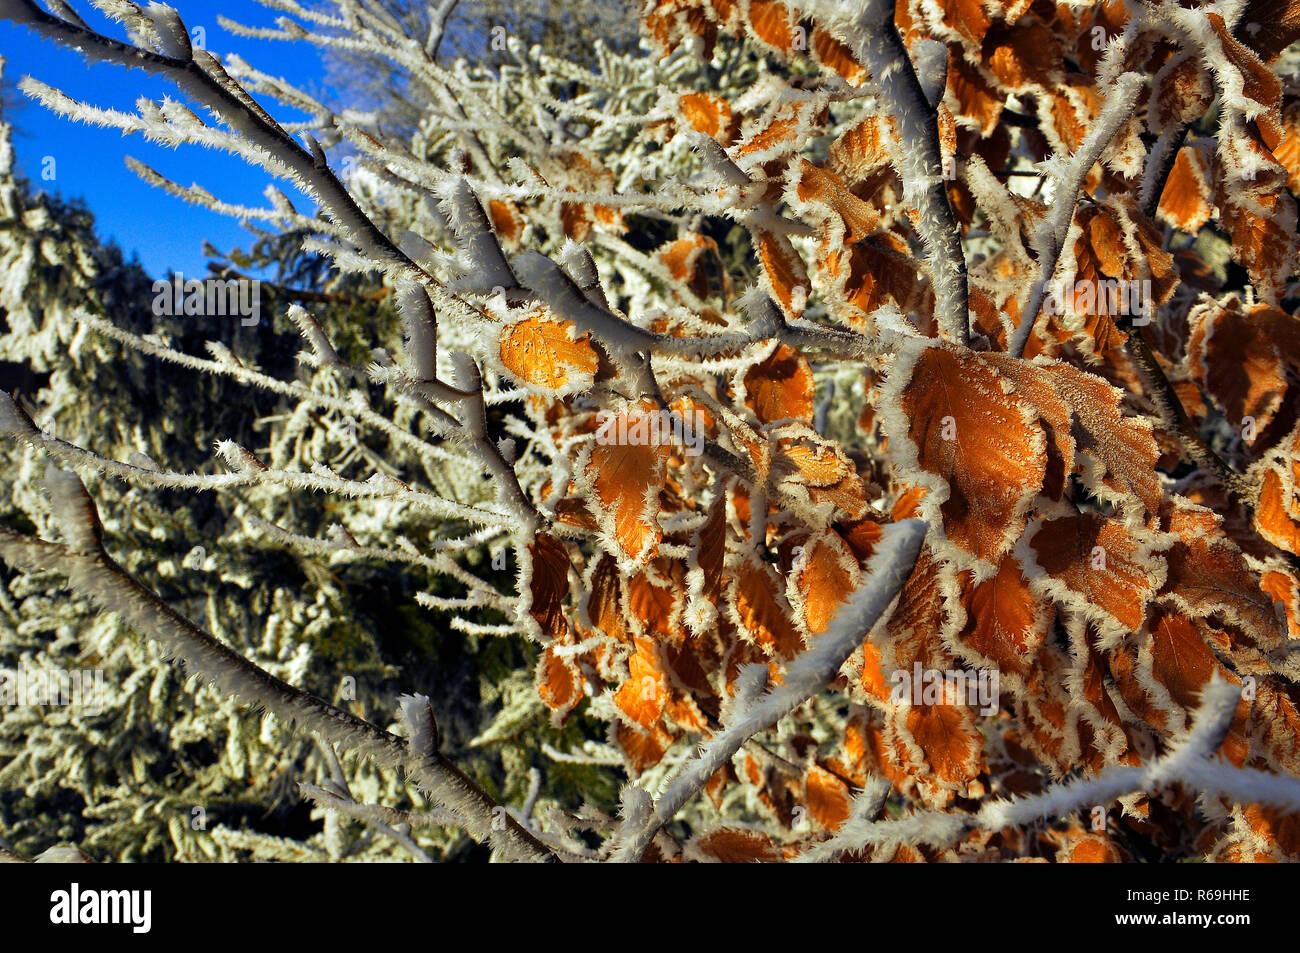 Rauhreif An Blättern Vor Blauem Himmel Stock Photo